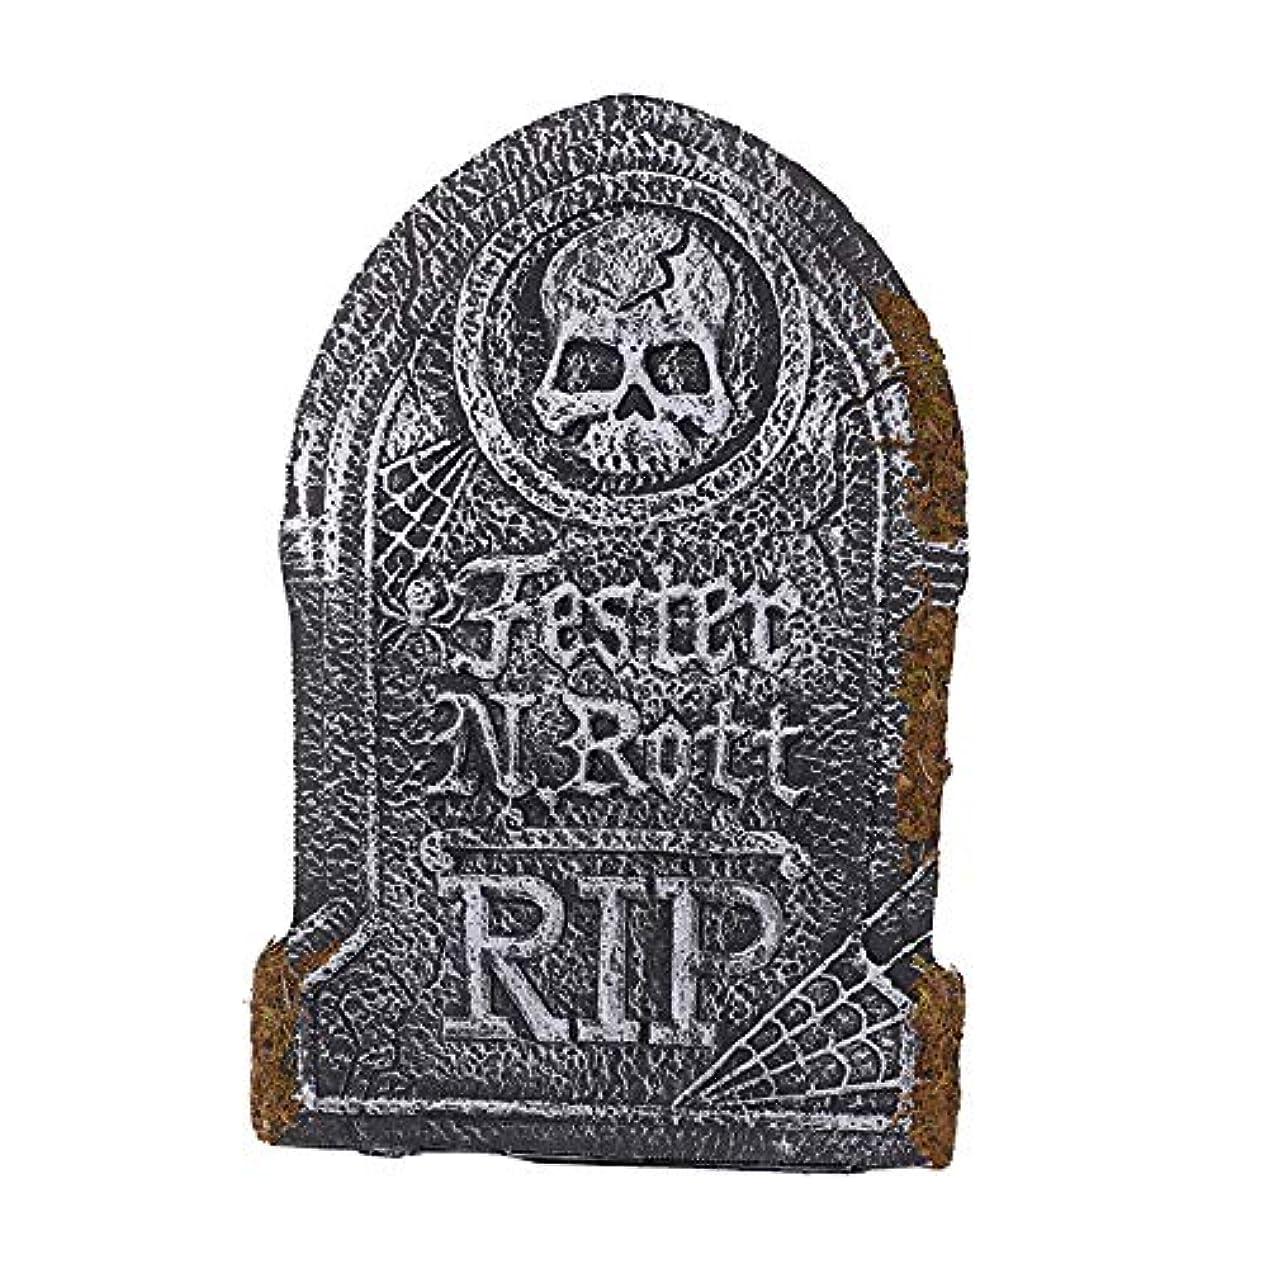 ケーキ静けさビームETRRUU HOME 三次元墓石ハロウィーン怖いトリッキーな装飾バーKTホラー雰囲気の装飾写真の小道具